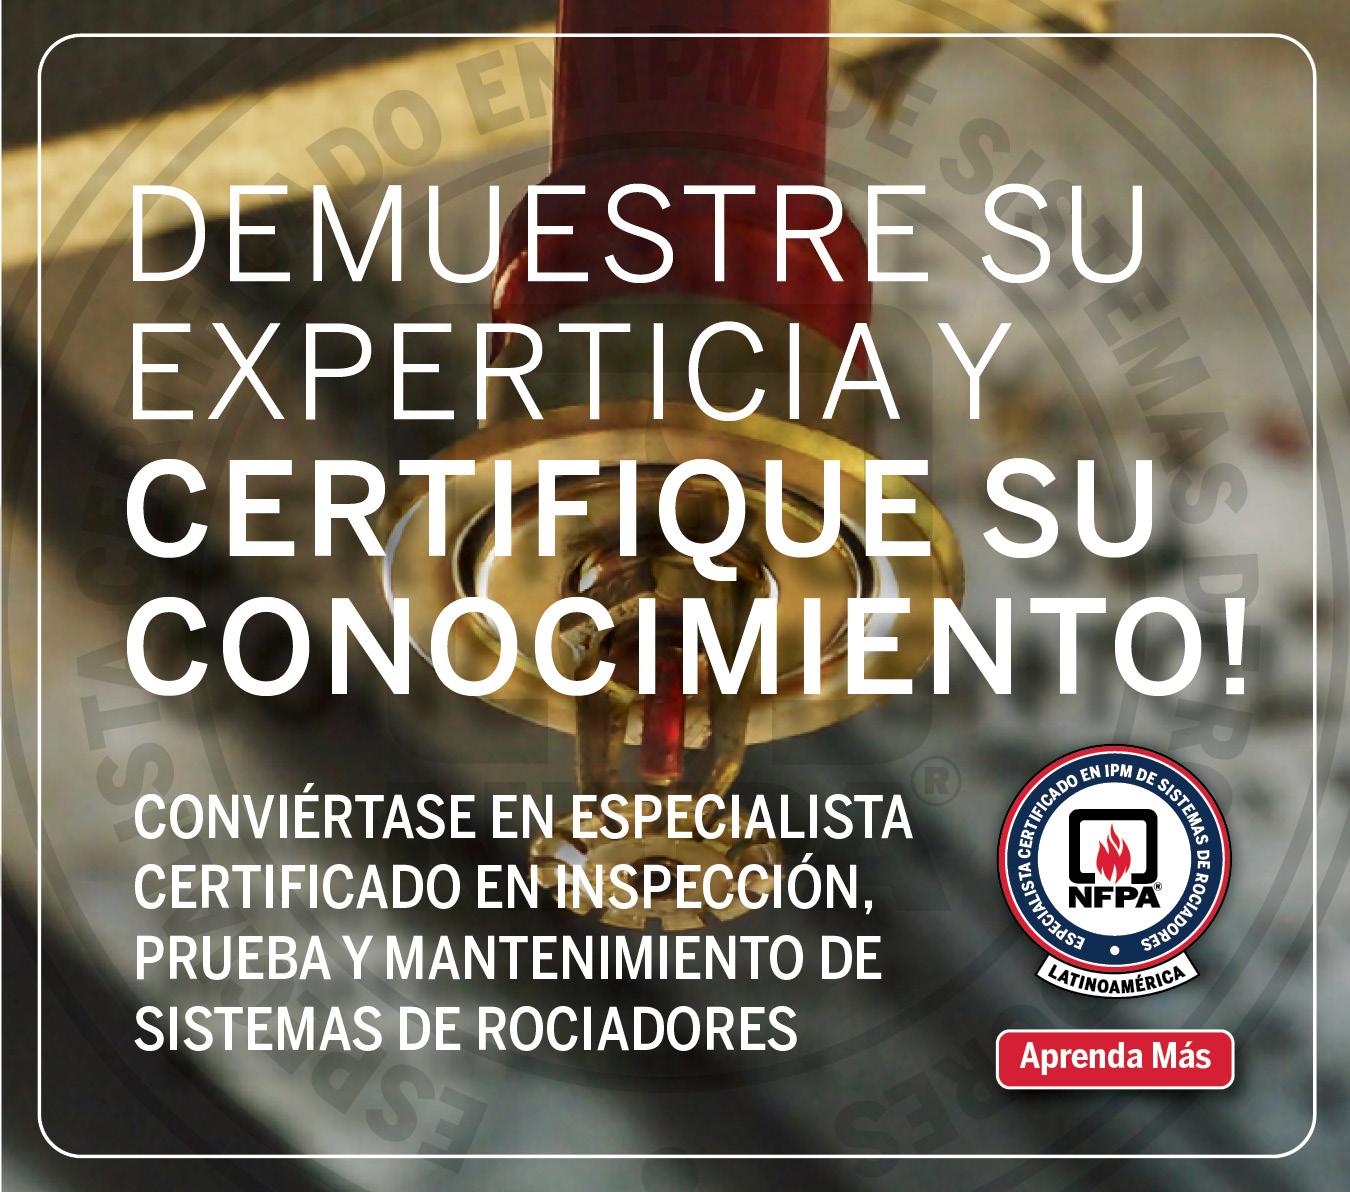 Certificación de Especialistas en Inspección, Prueba y Mantenimiento de Sistemas de Rociadores